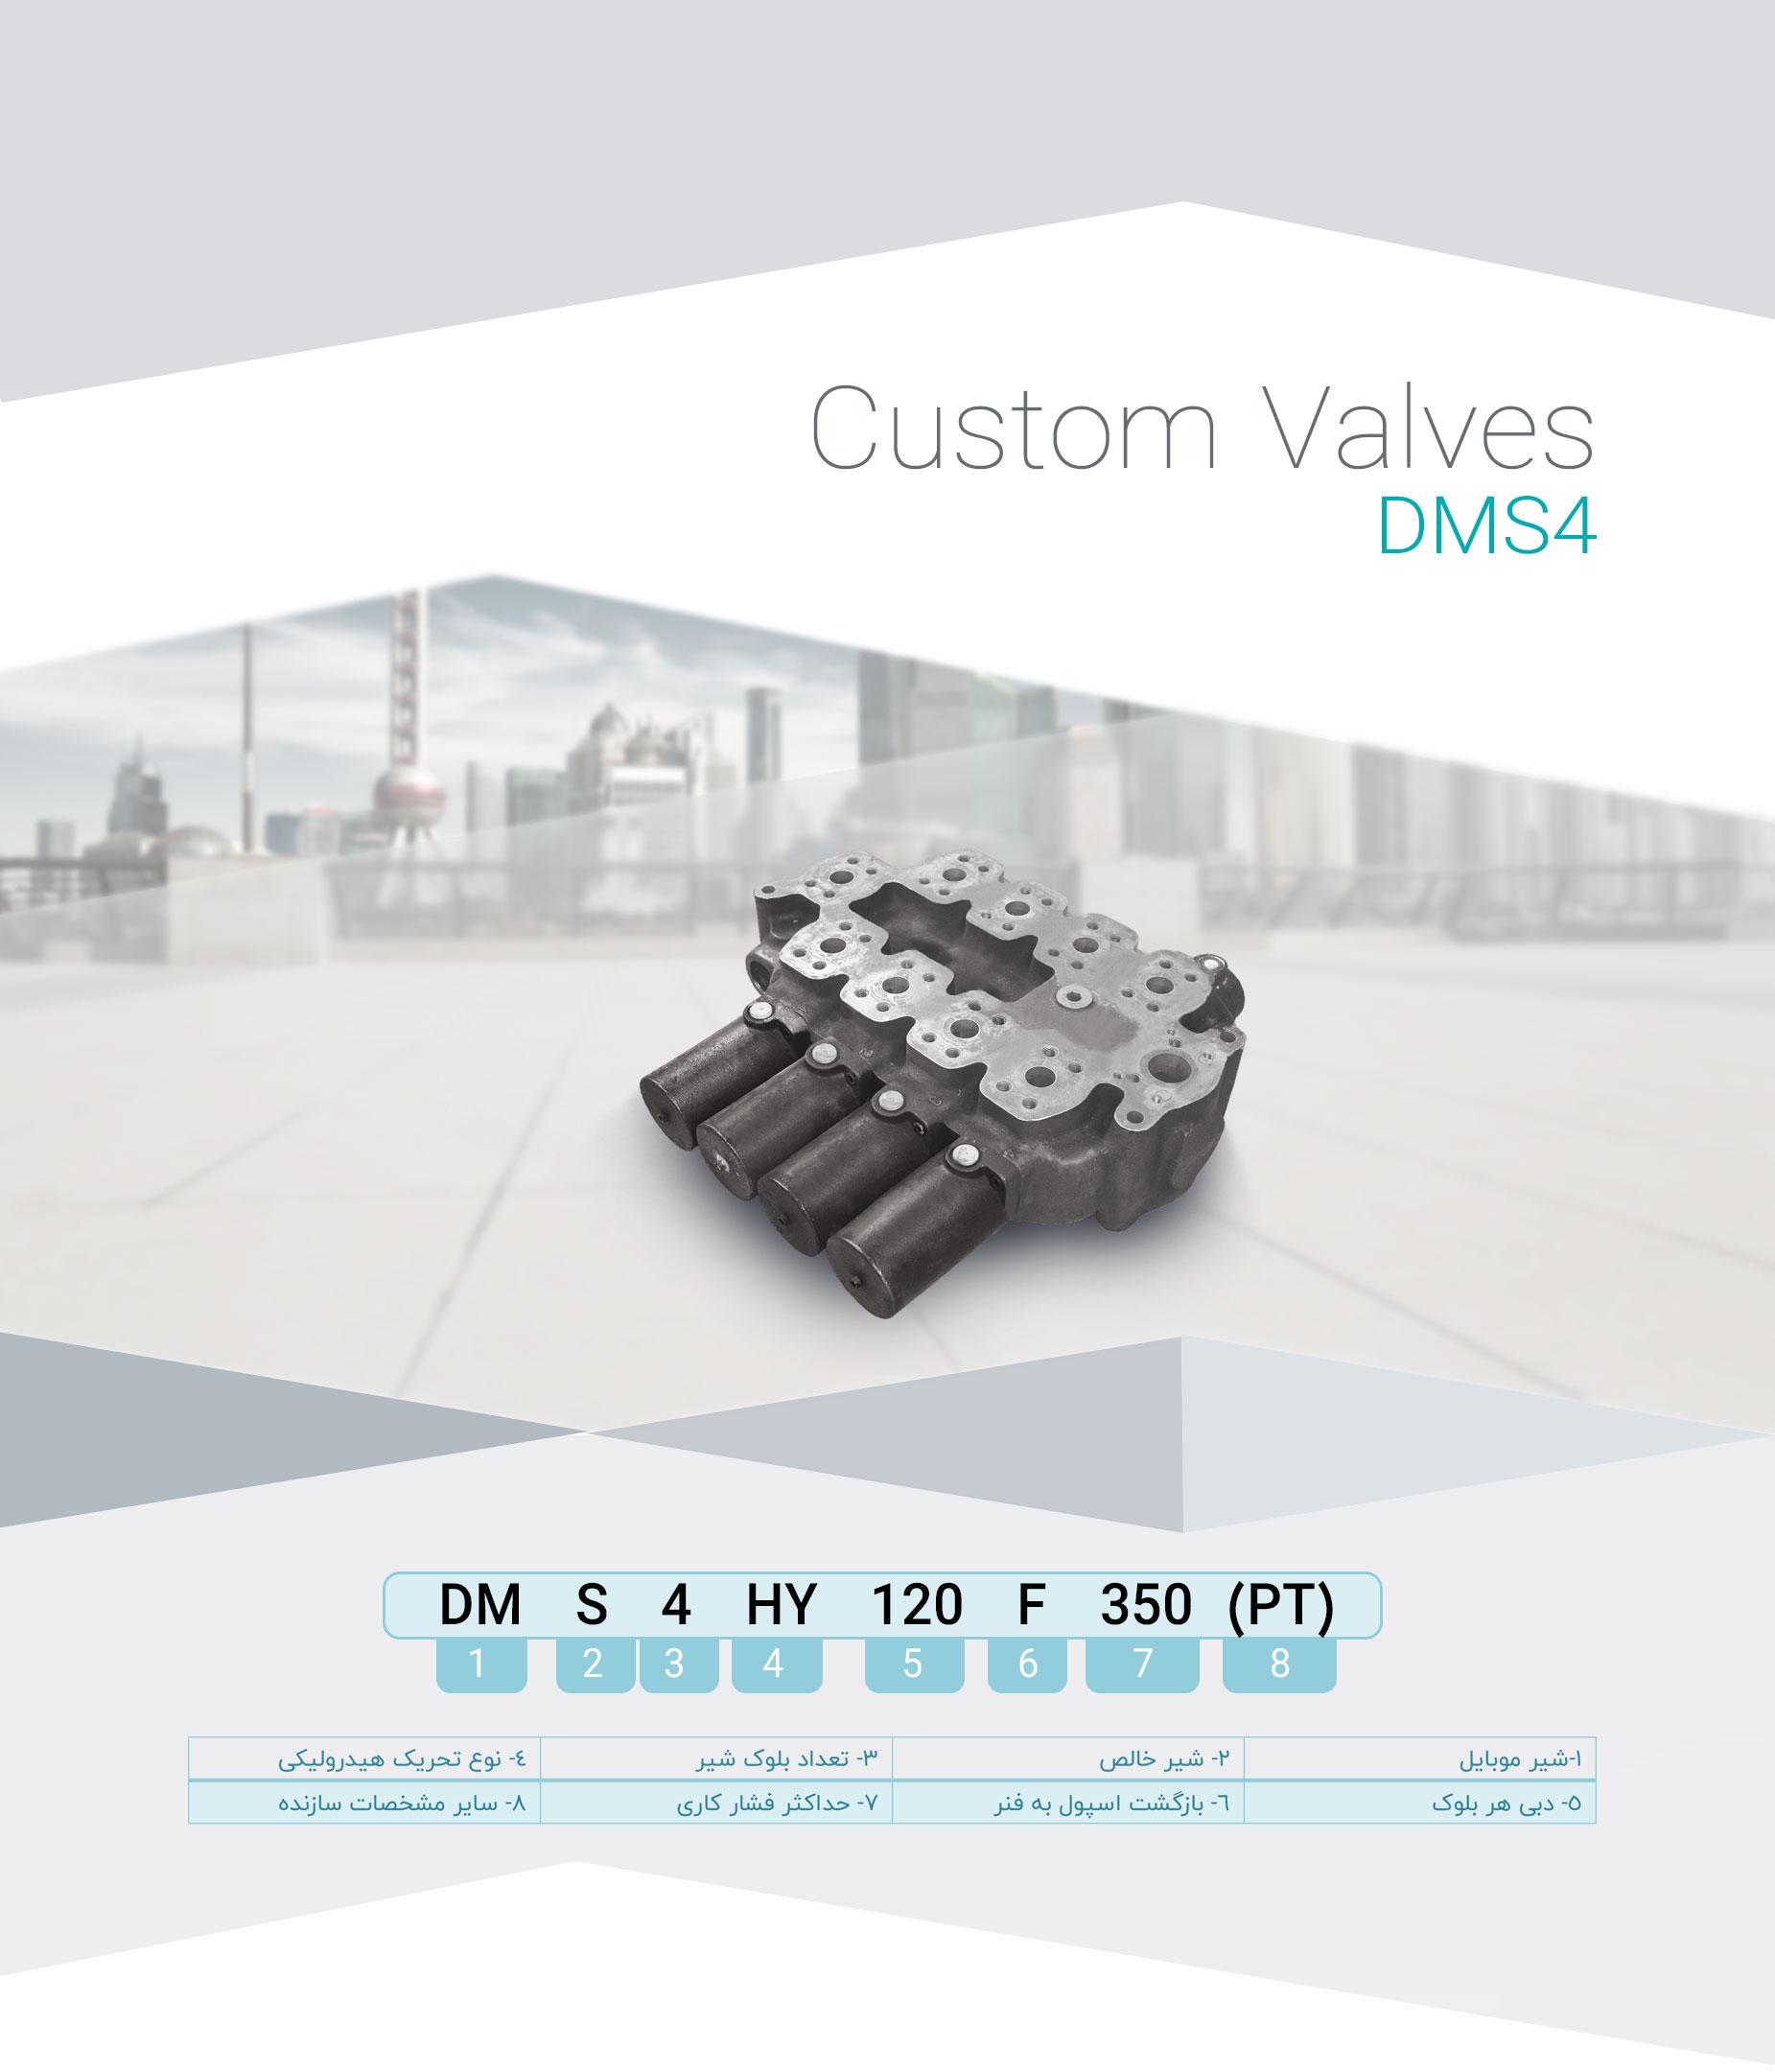 DMS4(1)